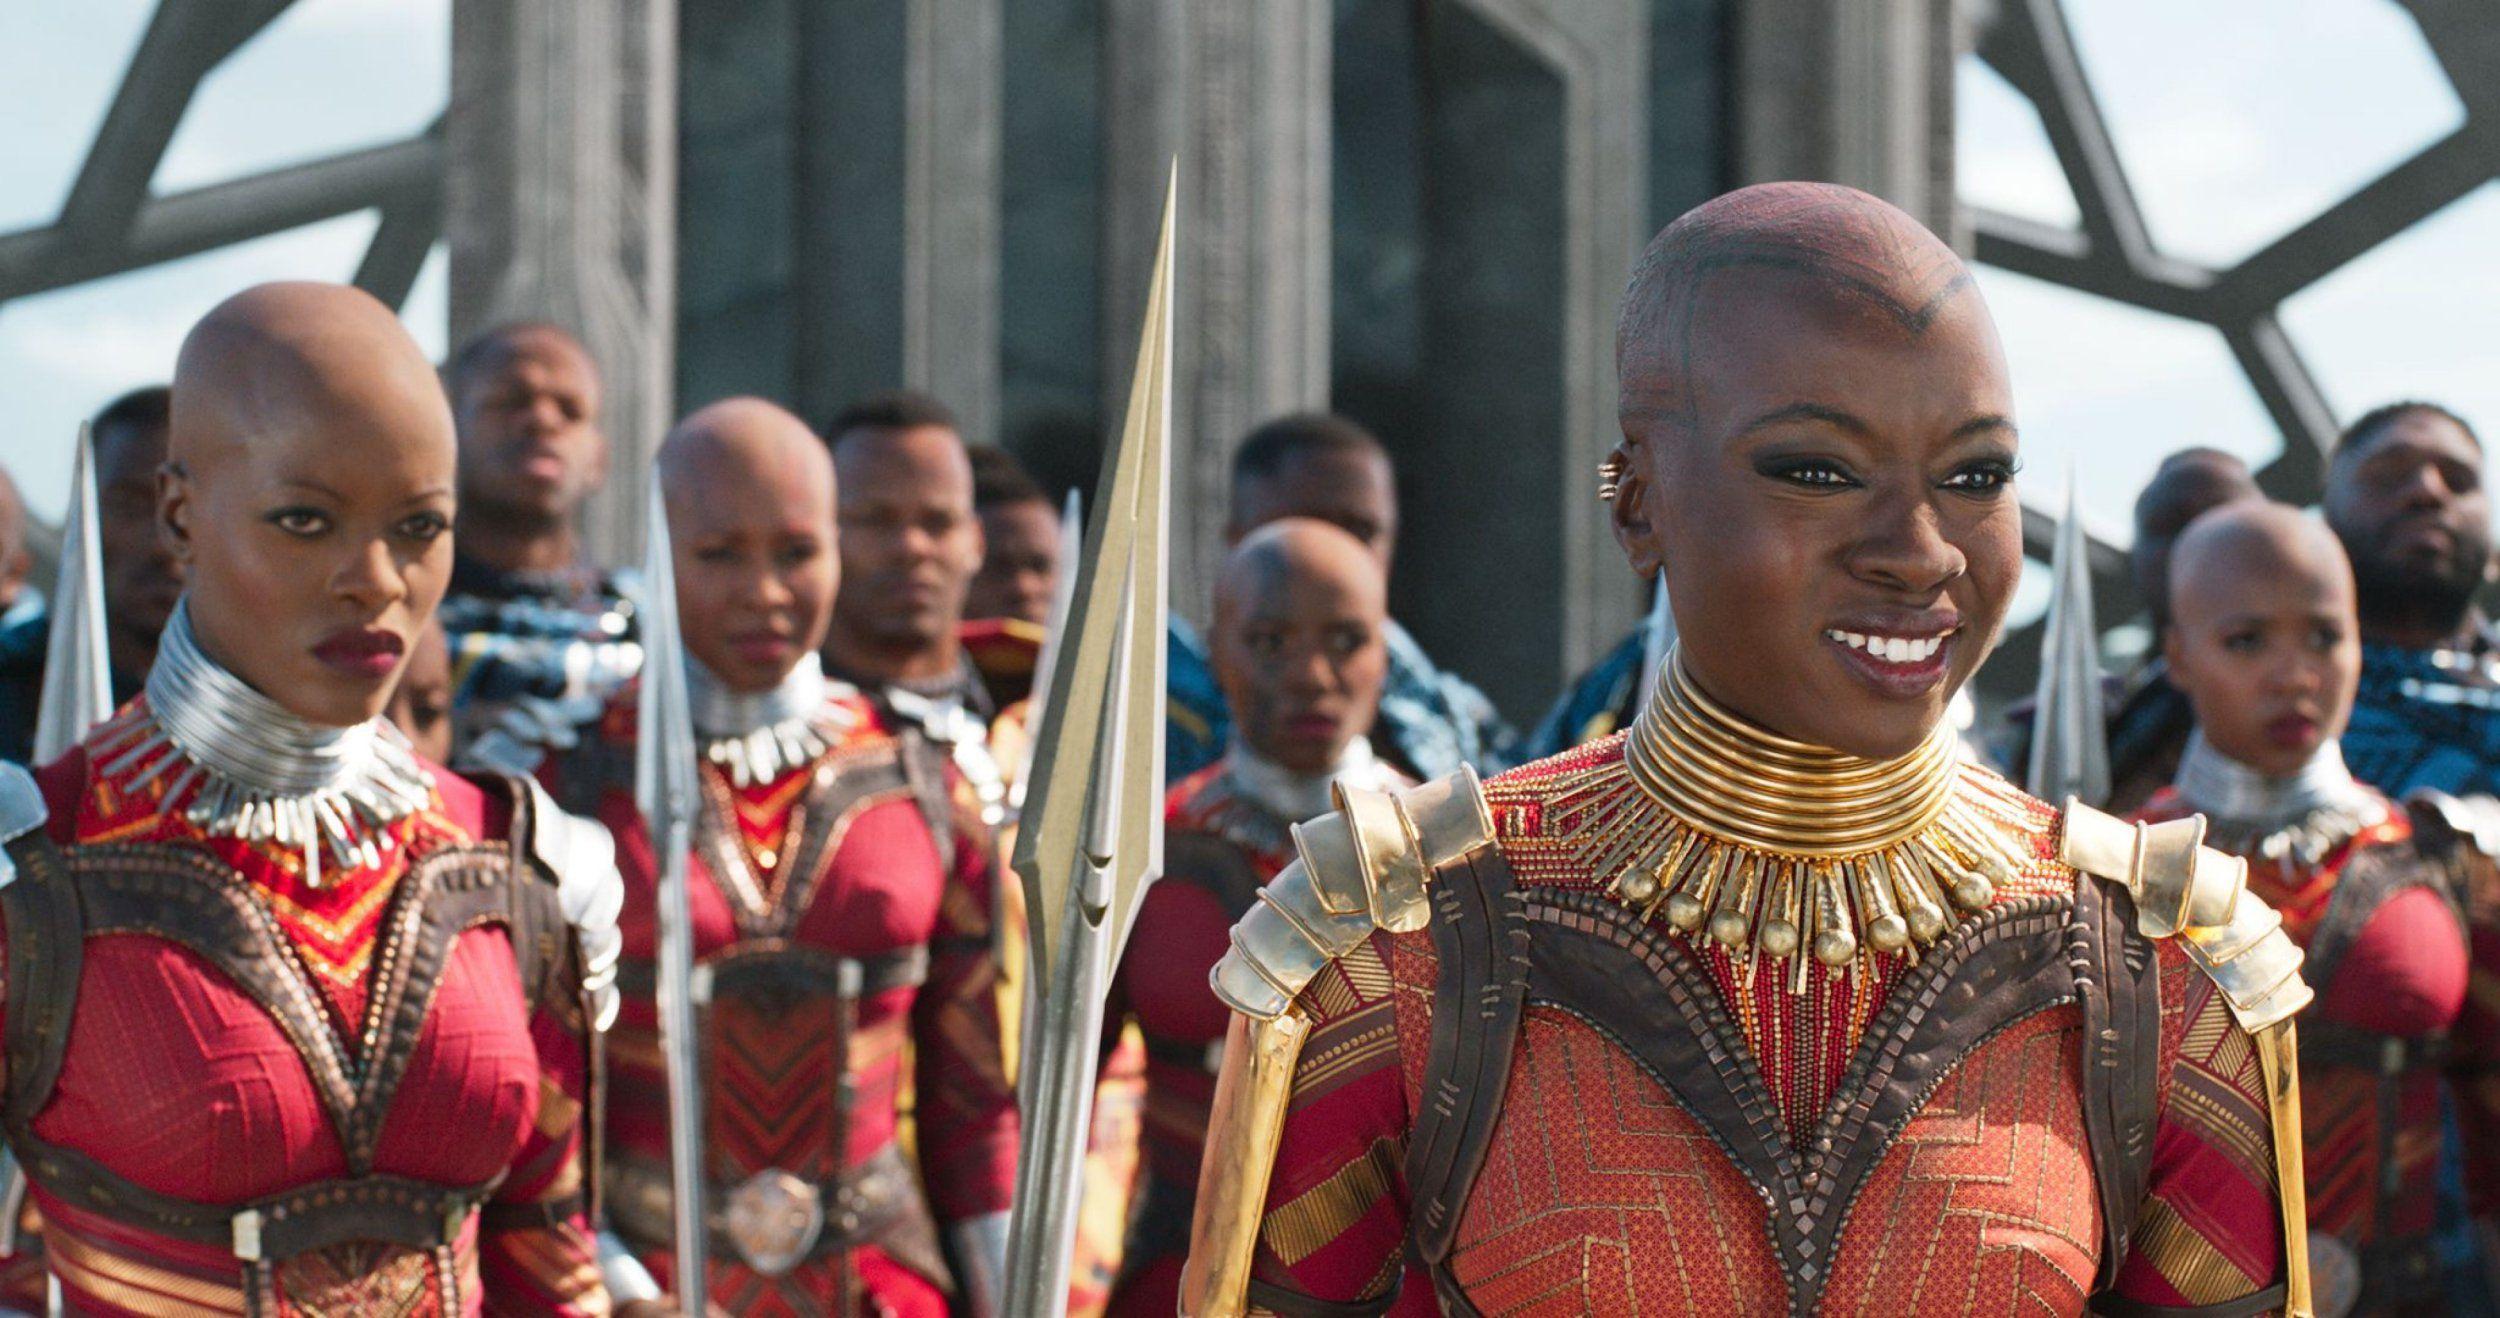 Quả Cầu Vàng 2019: 'Black Panther' được 3 đề cử, không thắng giải nào khiến fans 'phát điên'